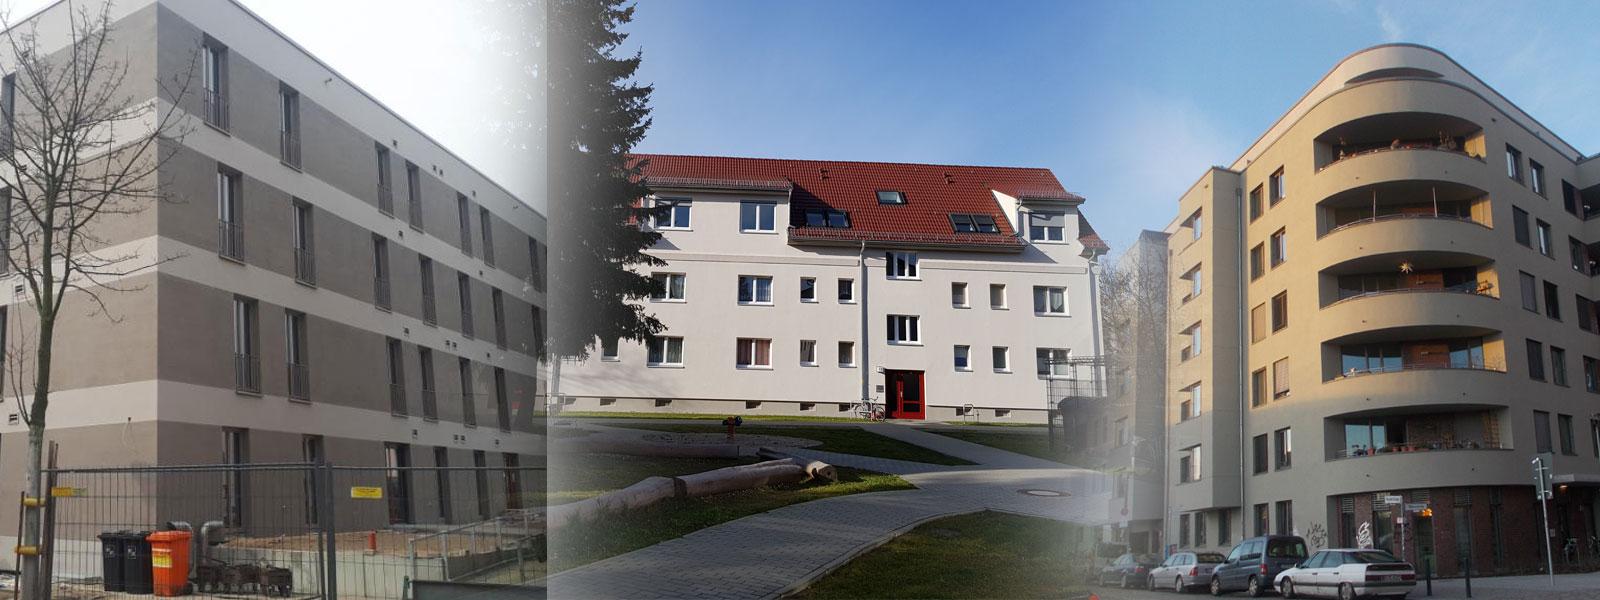 MM-Fassadenbau- Abbruch- und Tiefbau GmBH